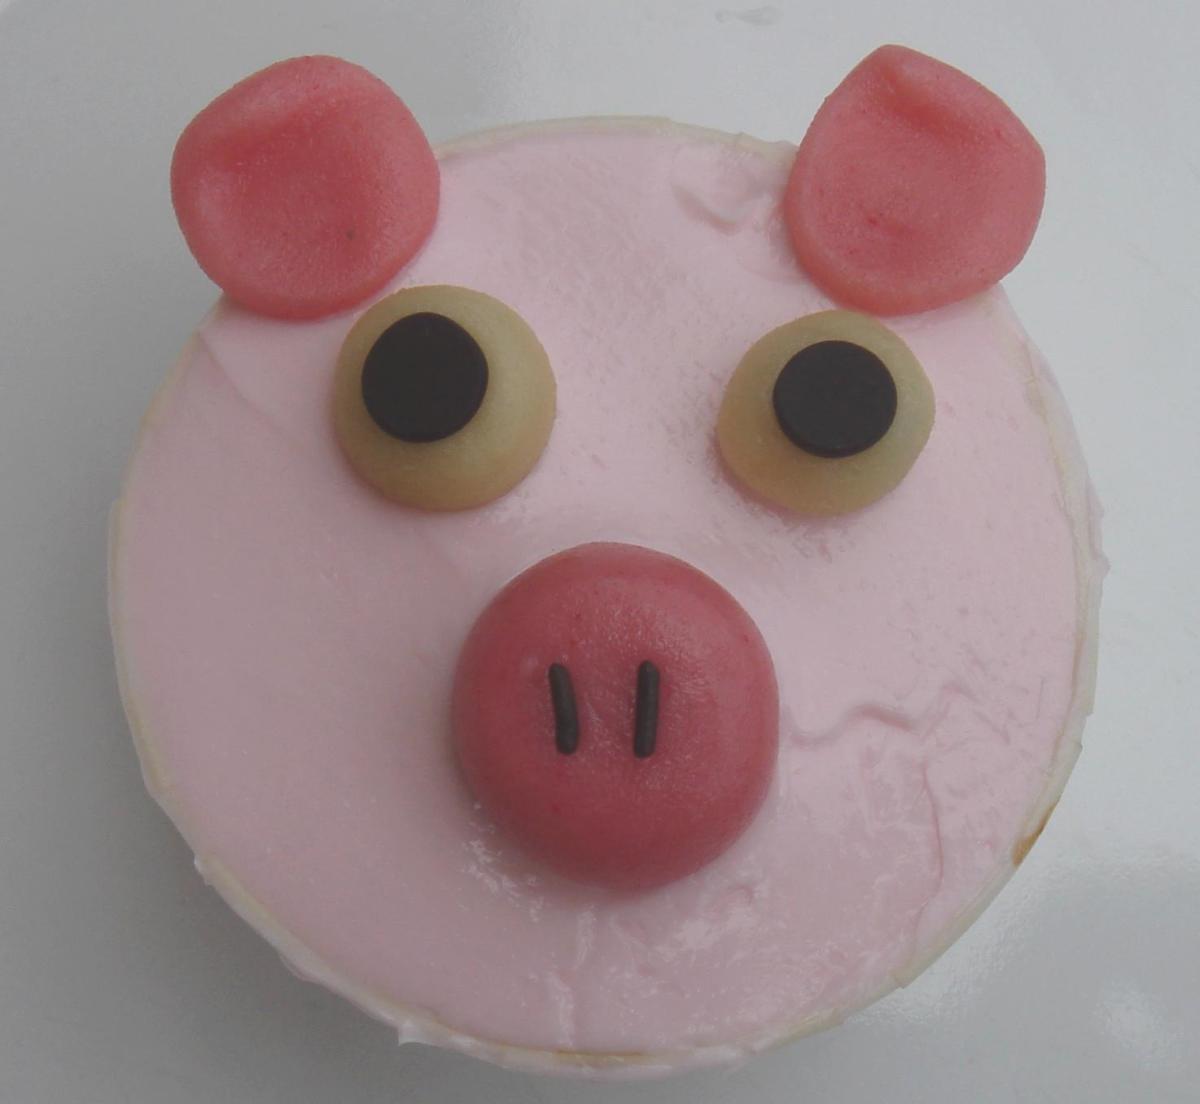 cupcake-decorating-ideas.com